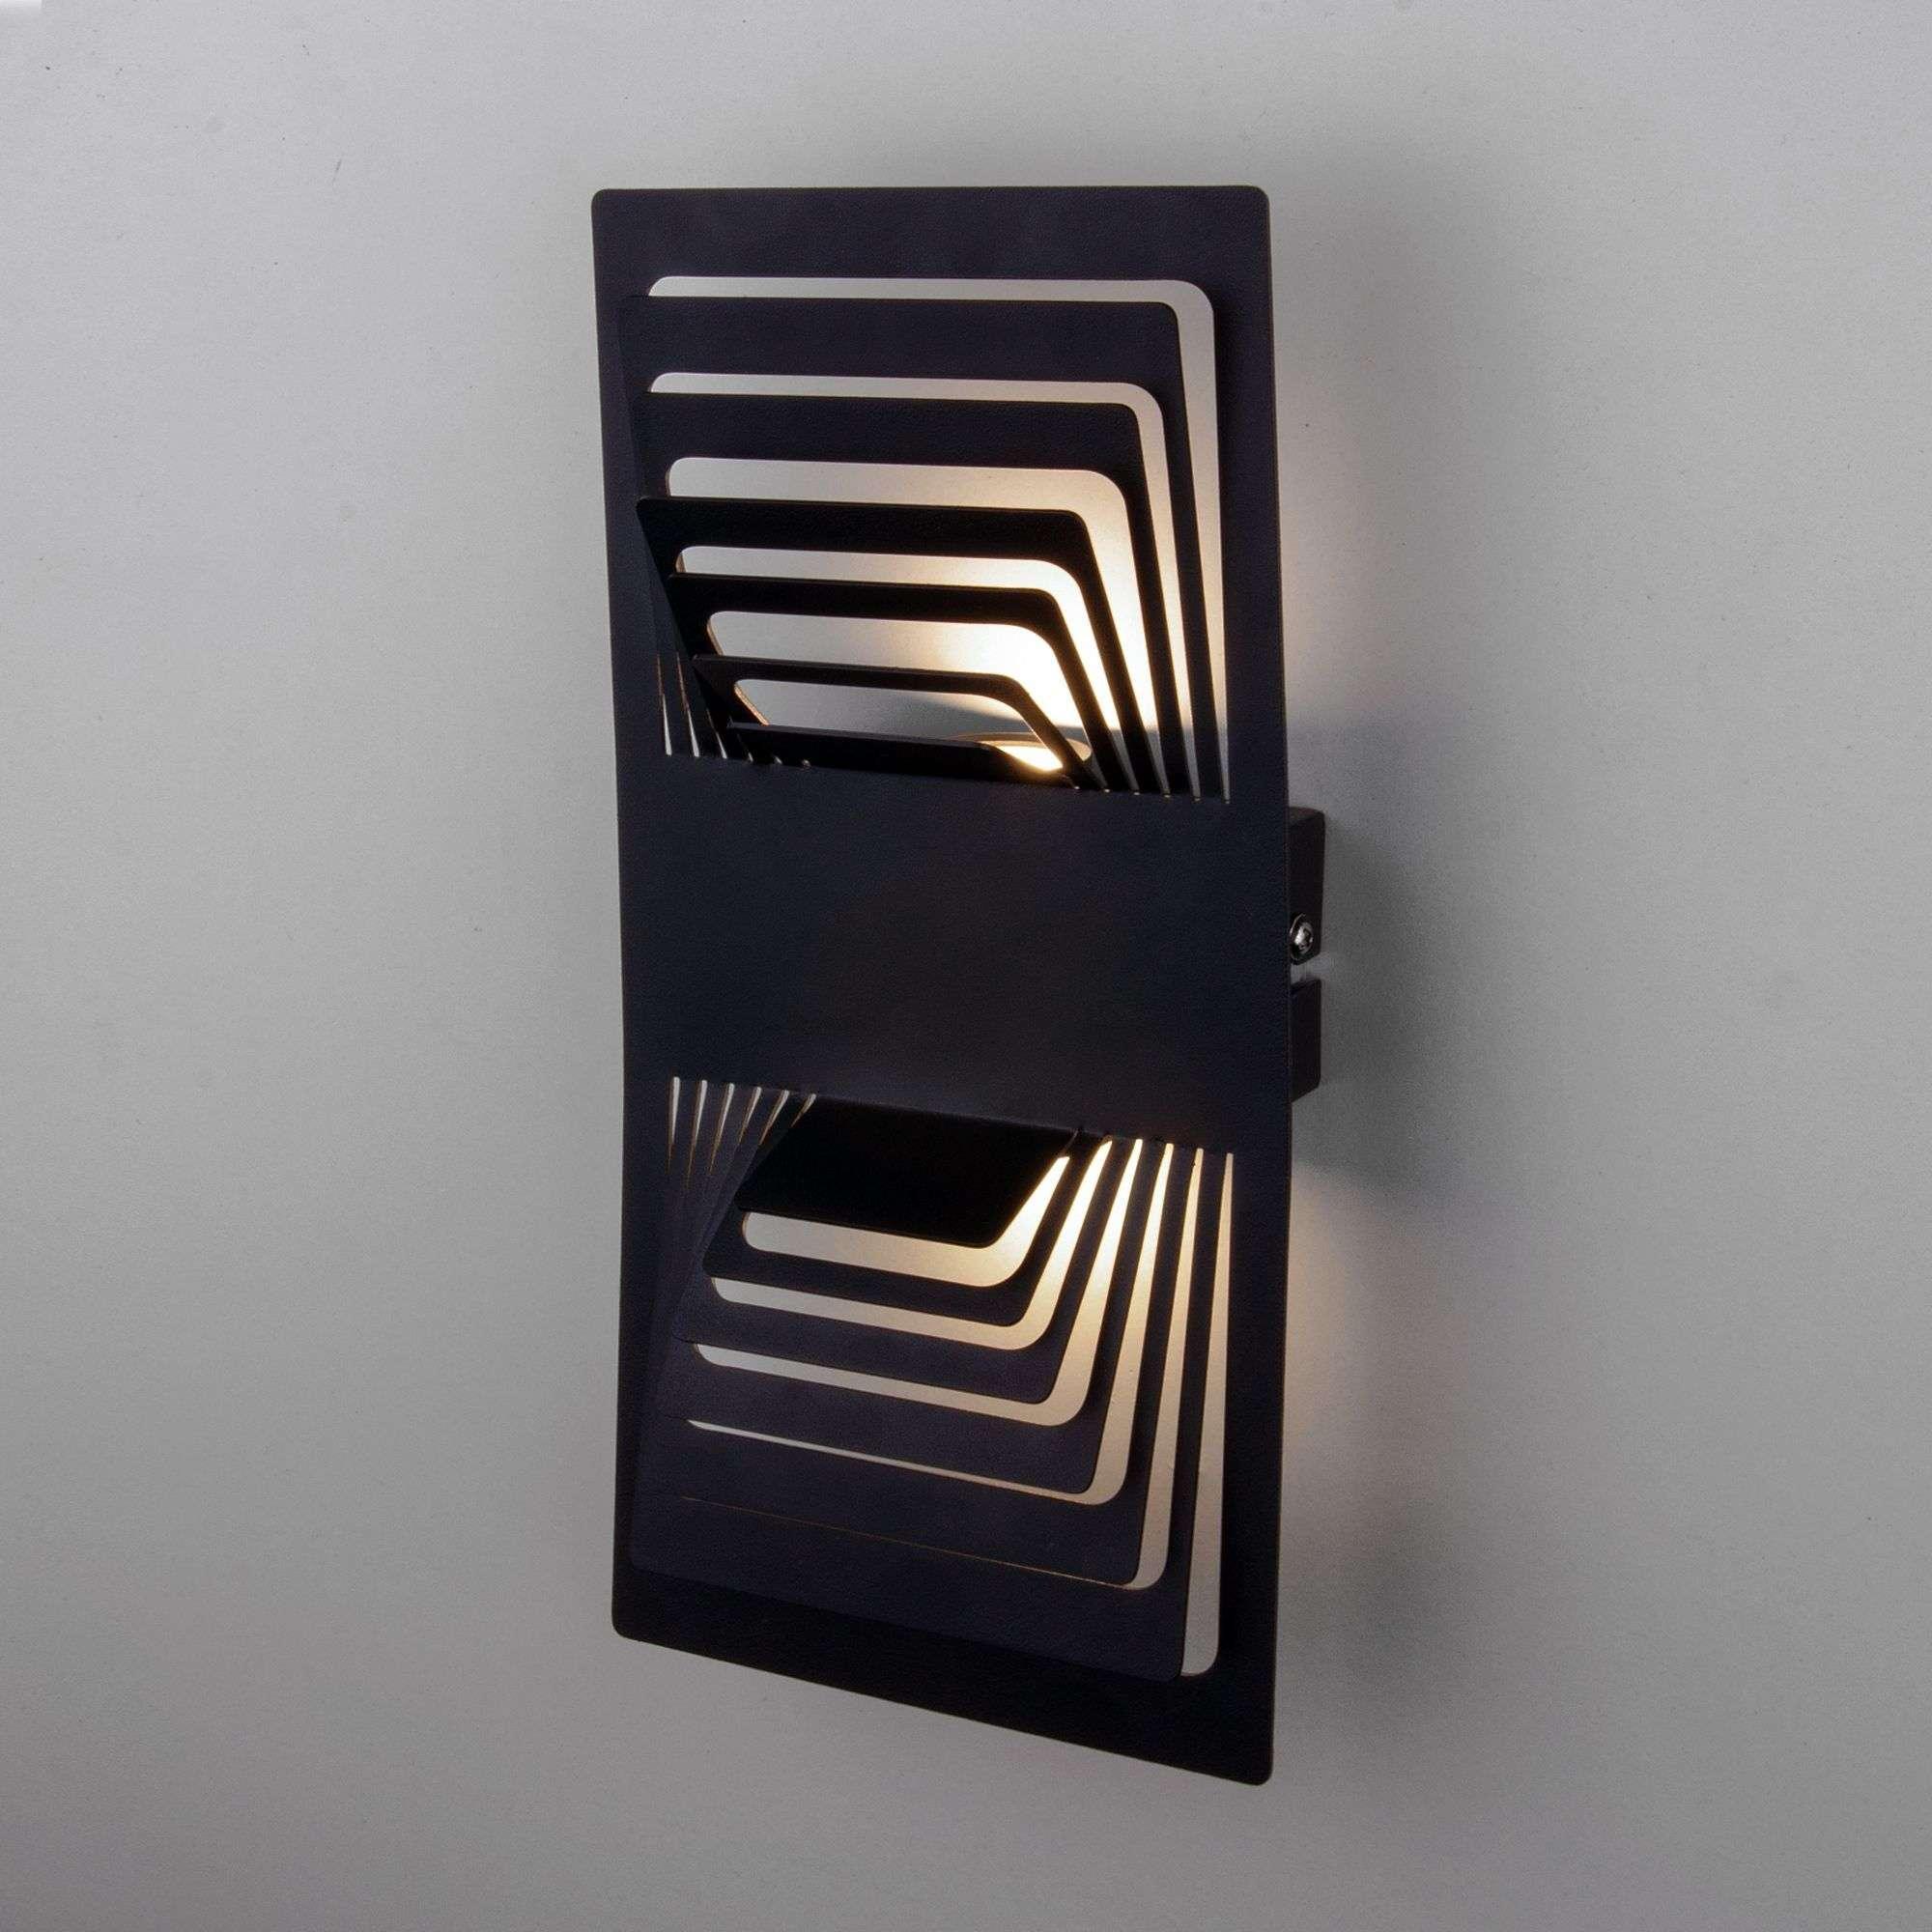 Настенный светодиодный светильник Onda LED чёрный MRL LED 1025